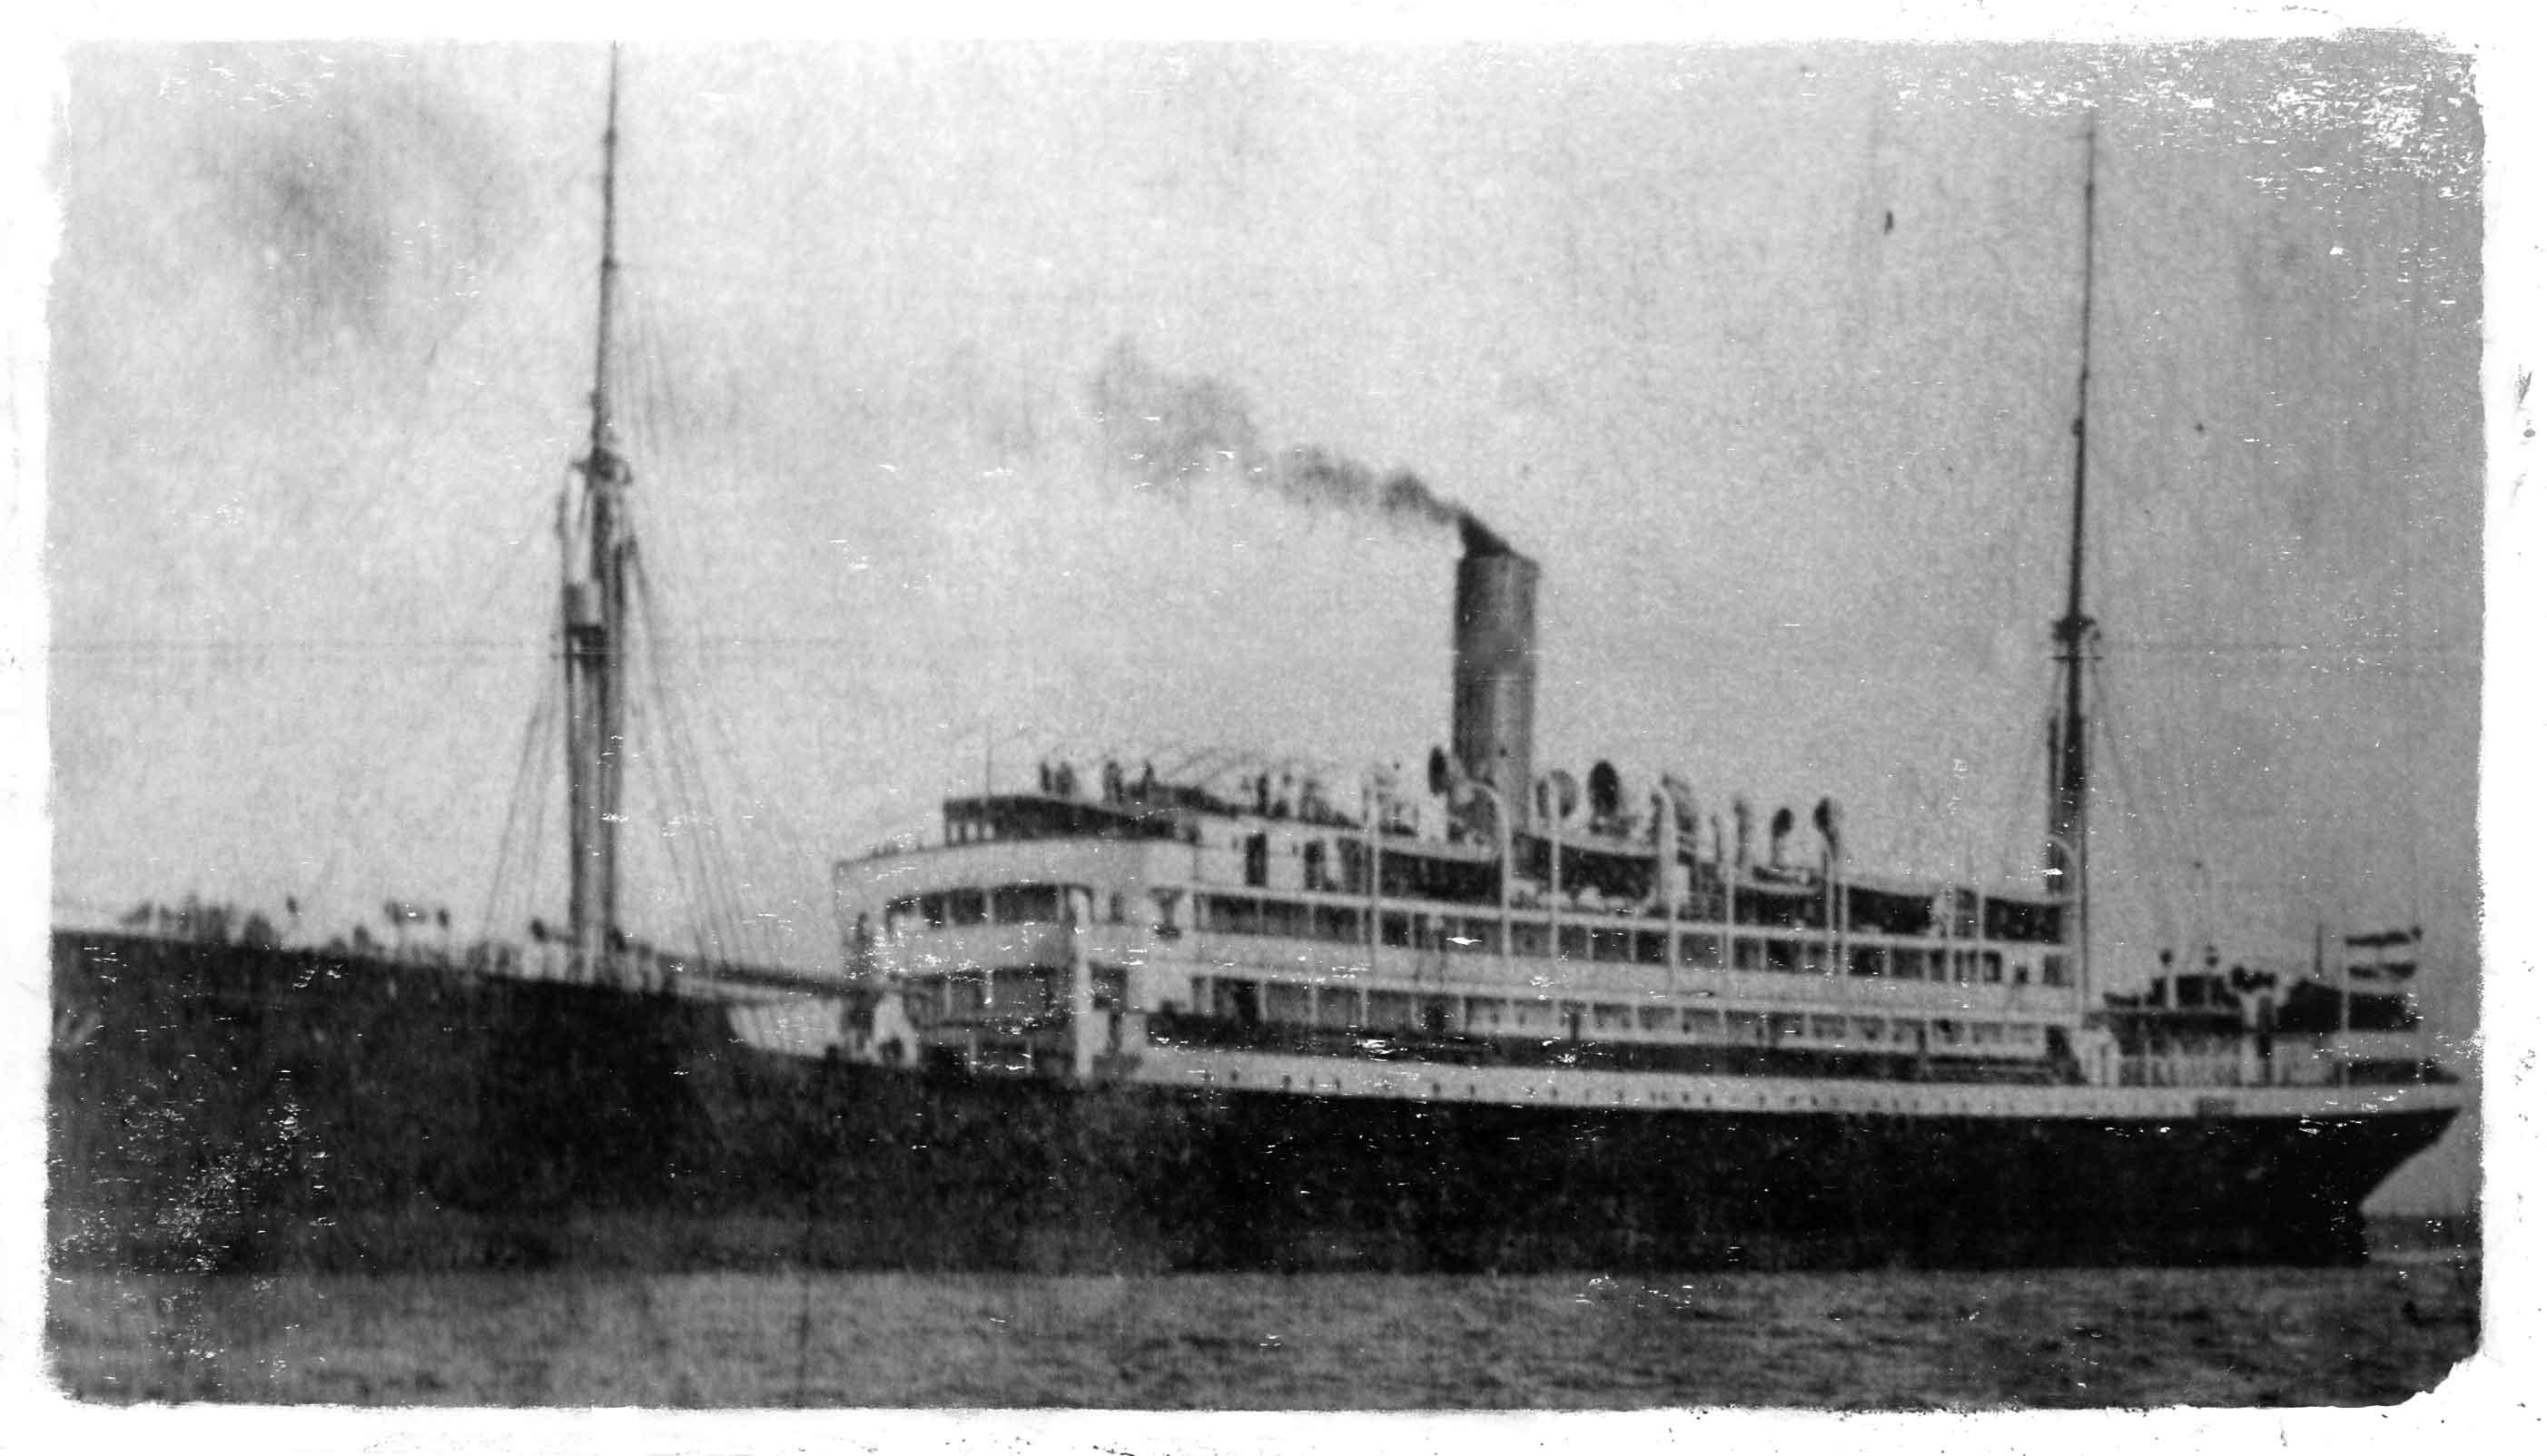 visconde-de-maua-historia-imigracao-museu-hotel-bulher-navio-bx